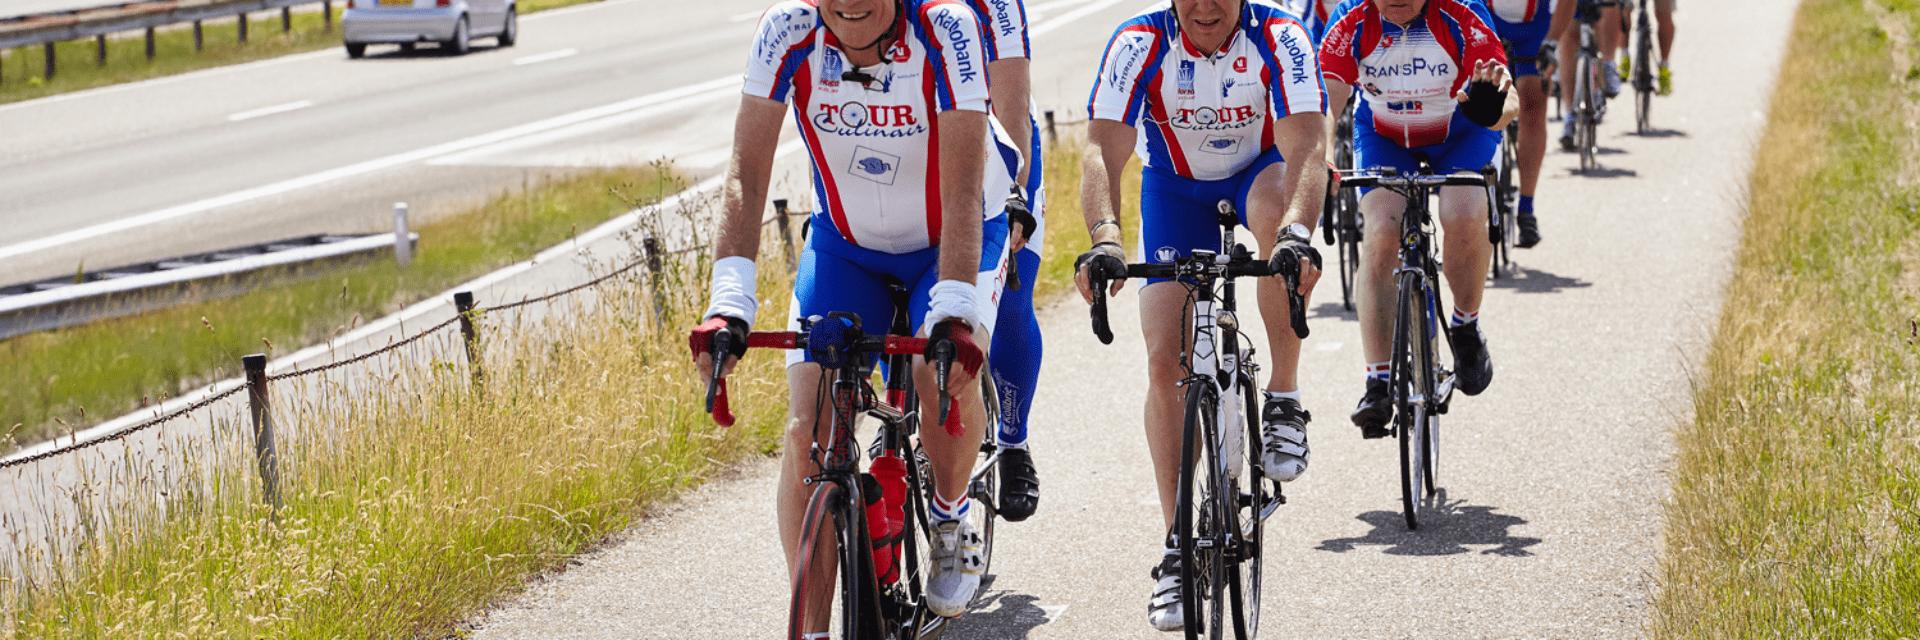 Wij zien een peloton aan fietsers die over het pad naast de weg op de Afsluitdijk rijden.